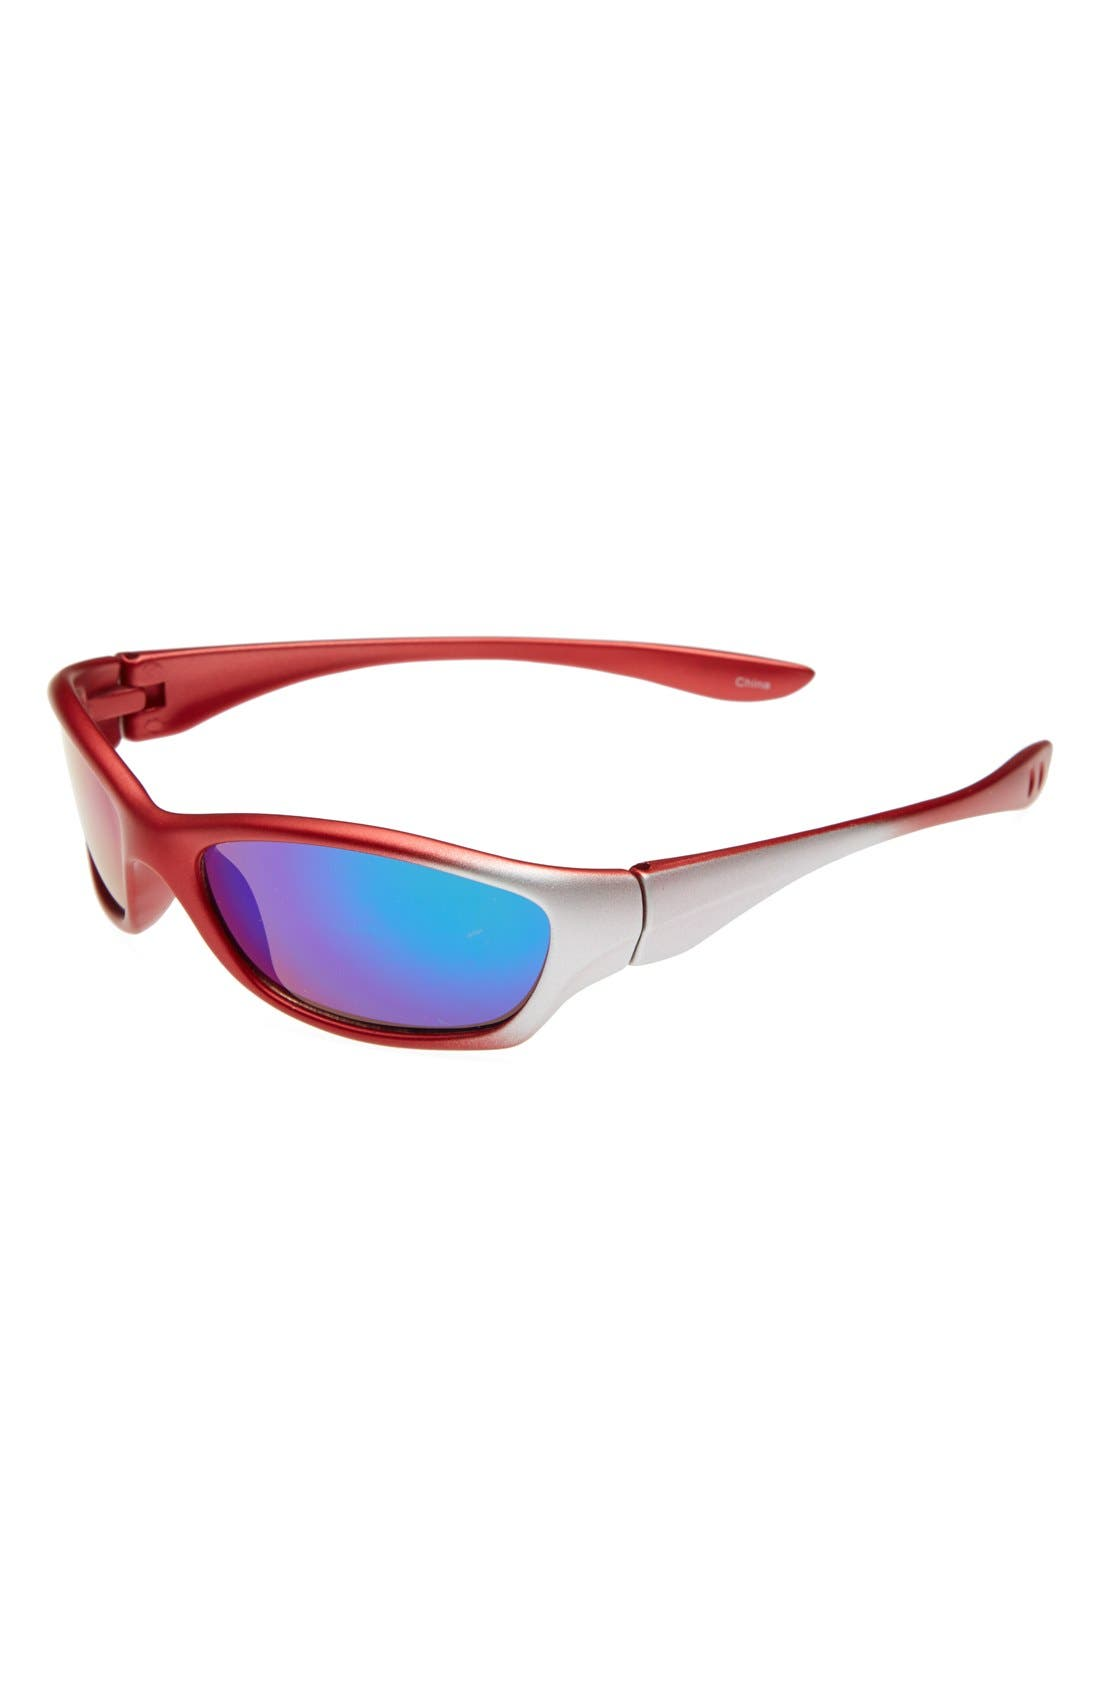 Alternate Image 1 Selected - Icon Eyewear 'Jimmy' Sunglasses (Boys)